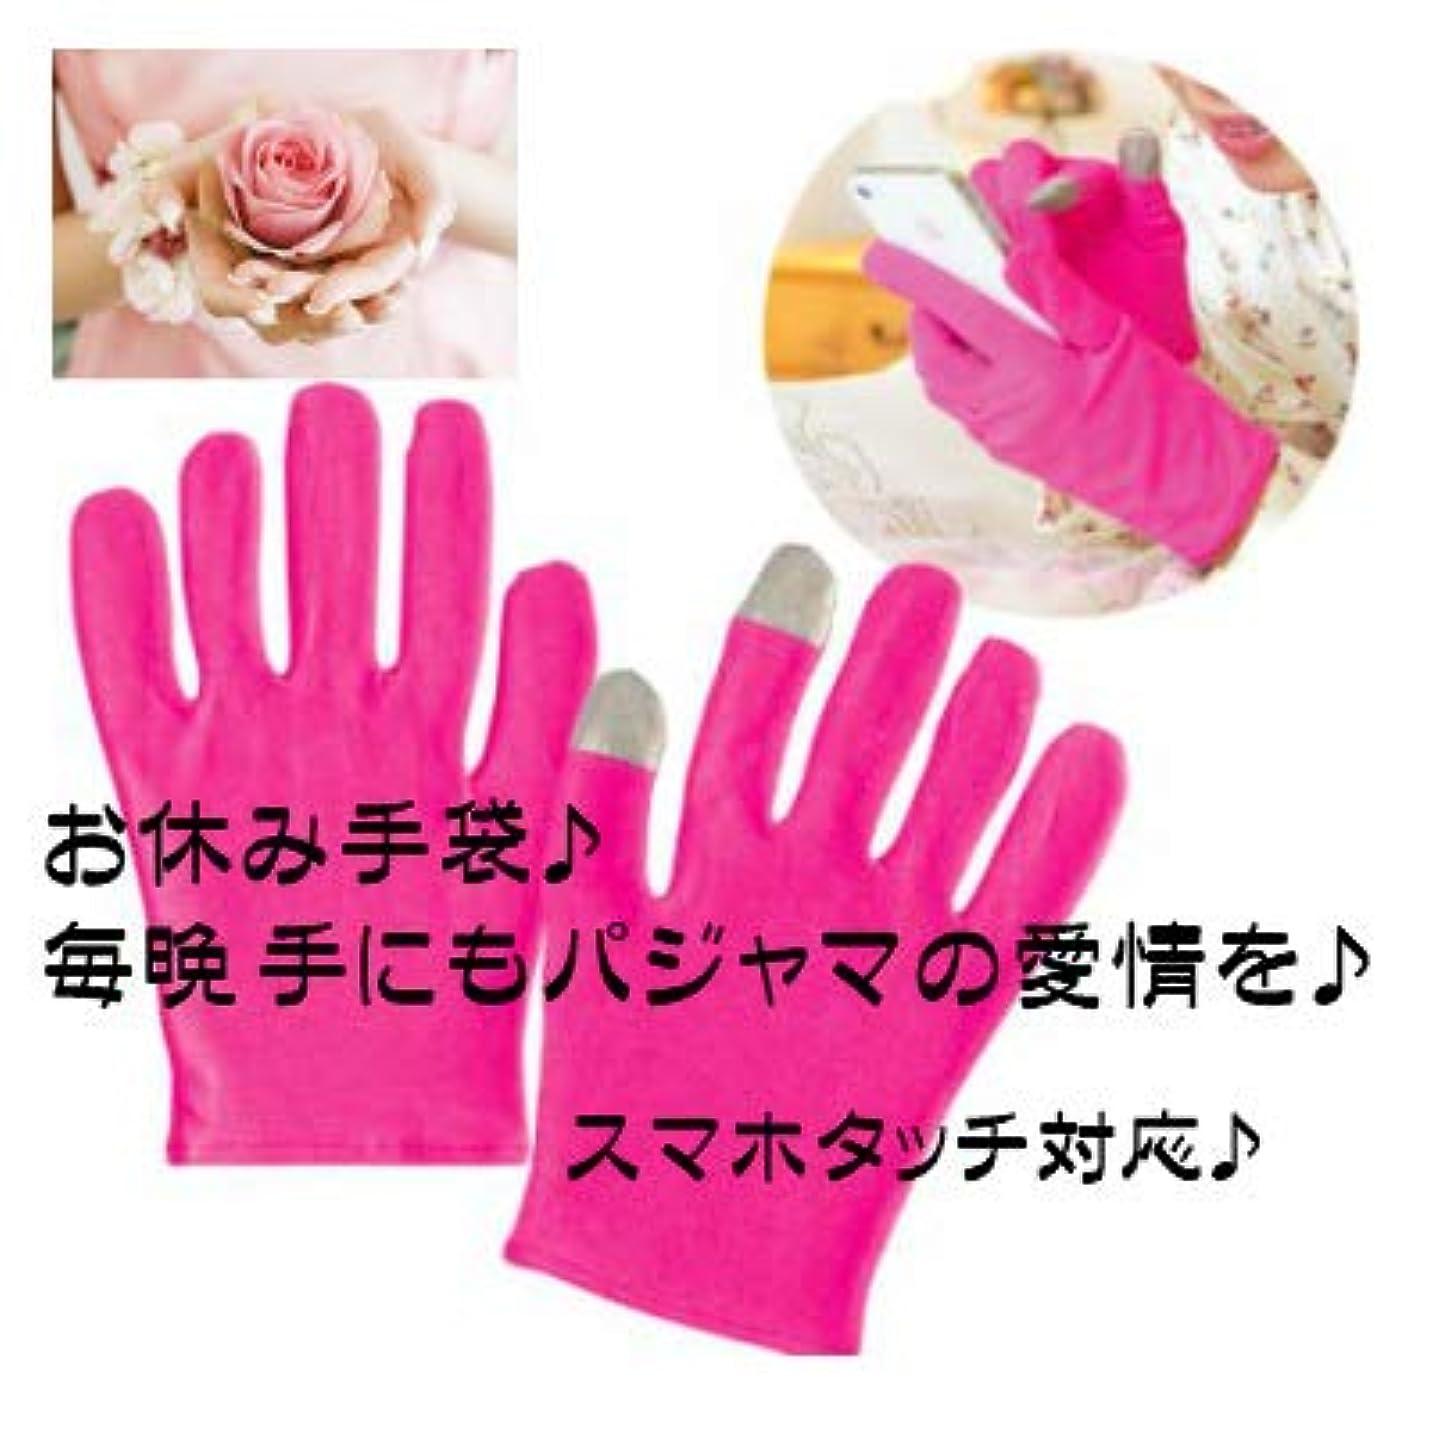 ボクシング構築する賄賂美容ハンドケア手袋 就寝手袋 スマホタッチ対応 おやすみ手袋保湿手袋